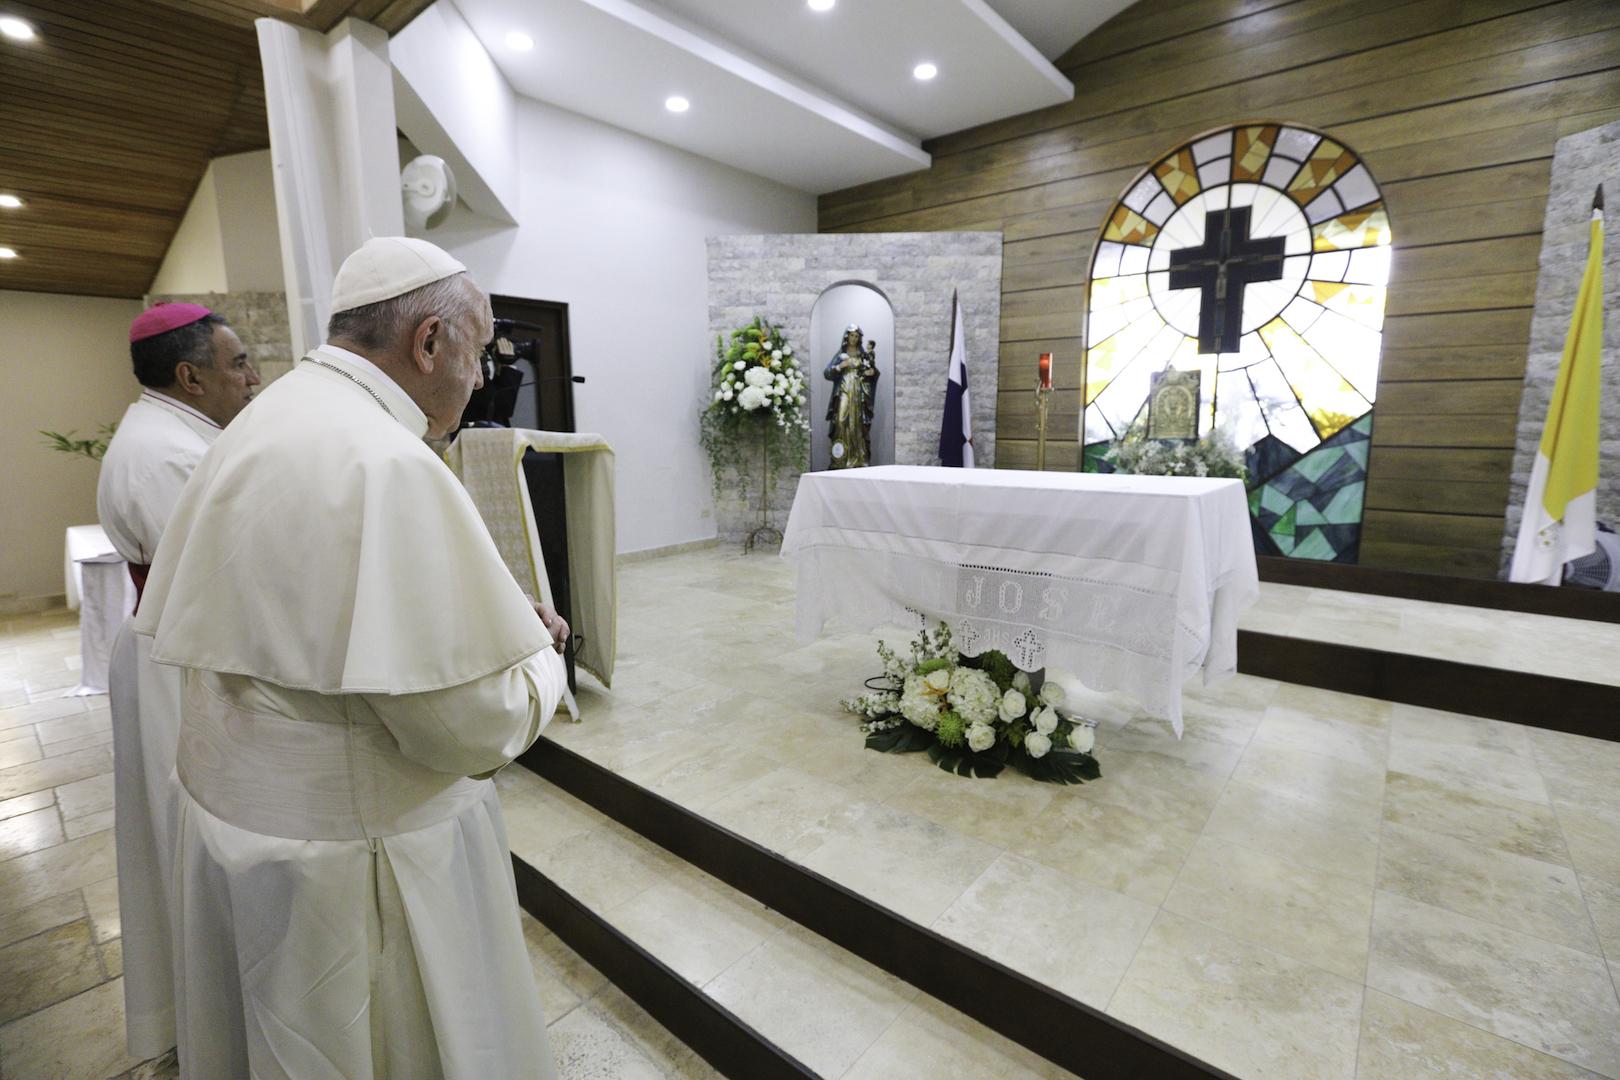 CUSTODIA REGALADA POR EL PAPA AL SMSJ DE PANAMA